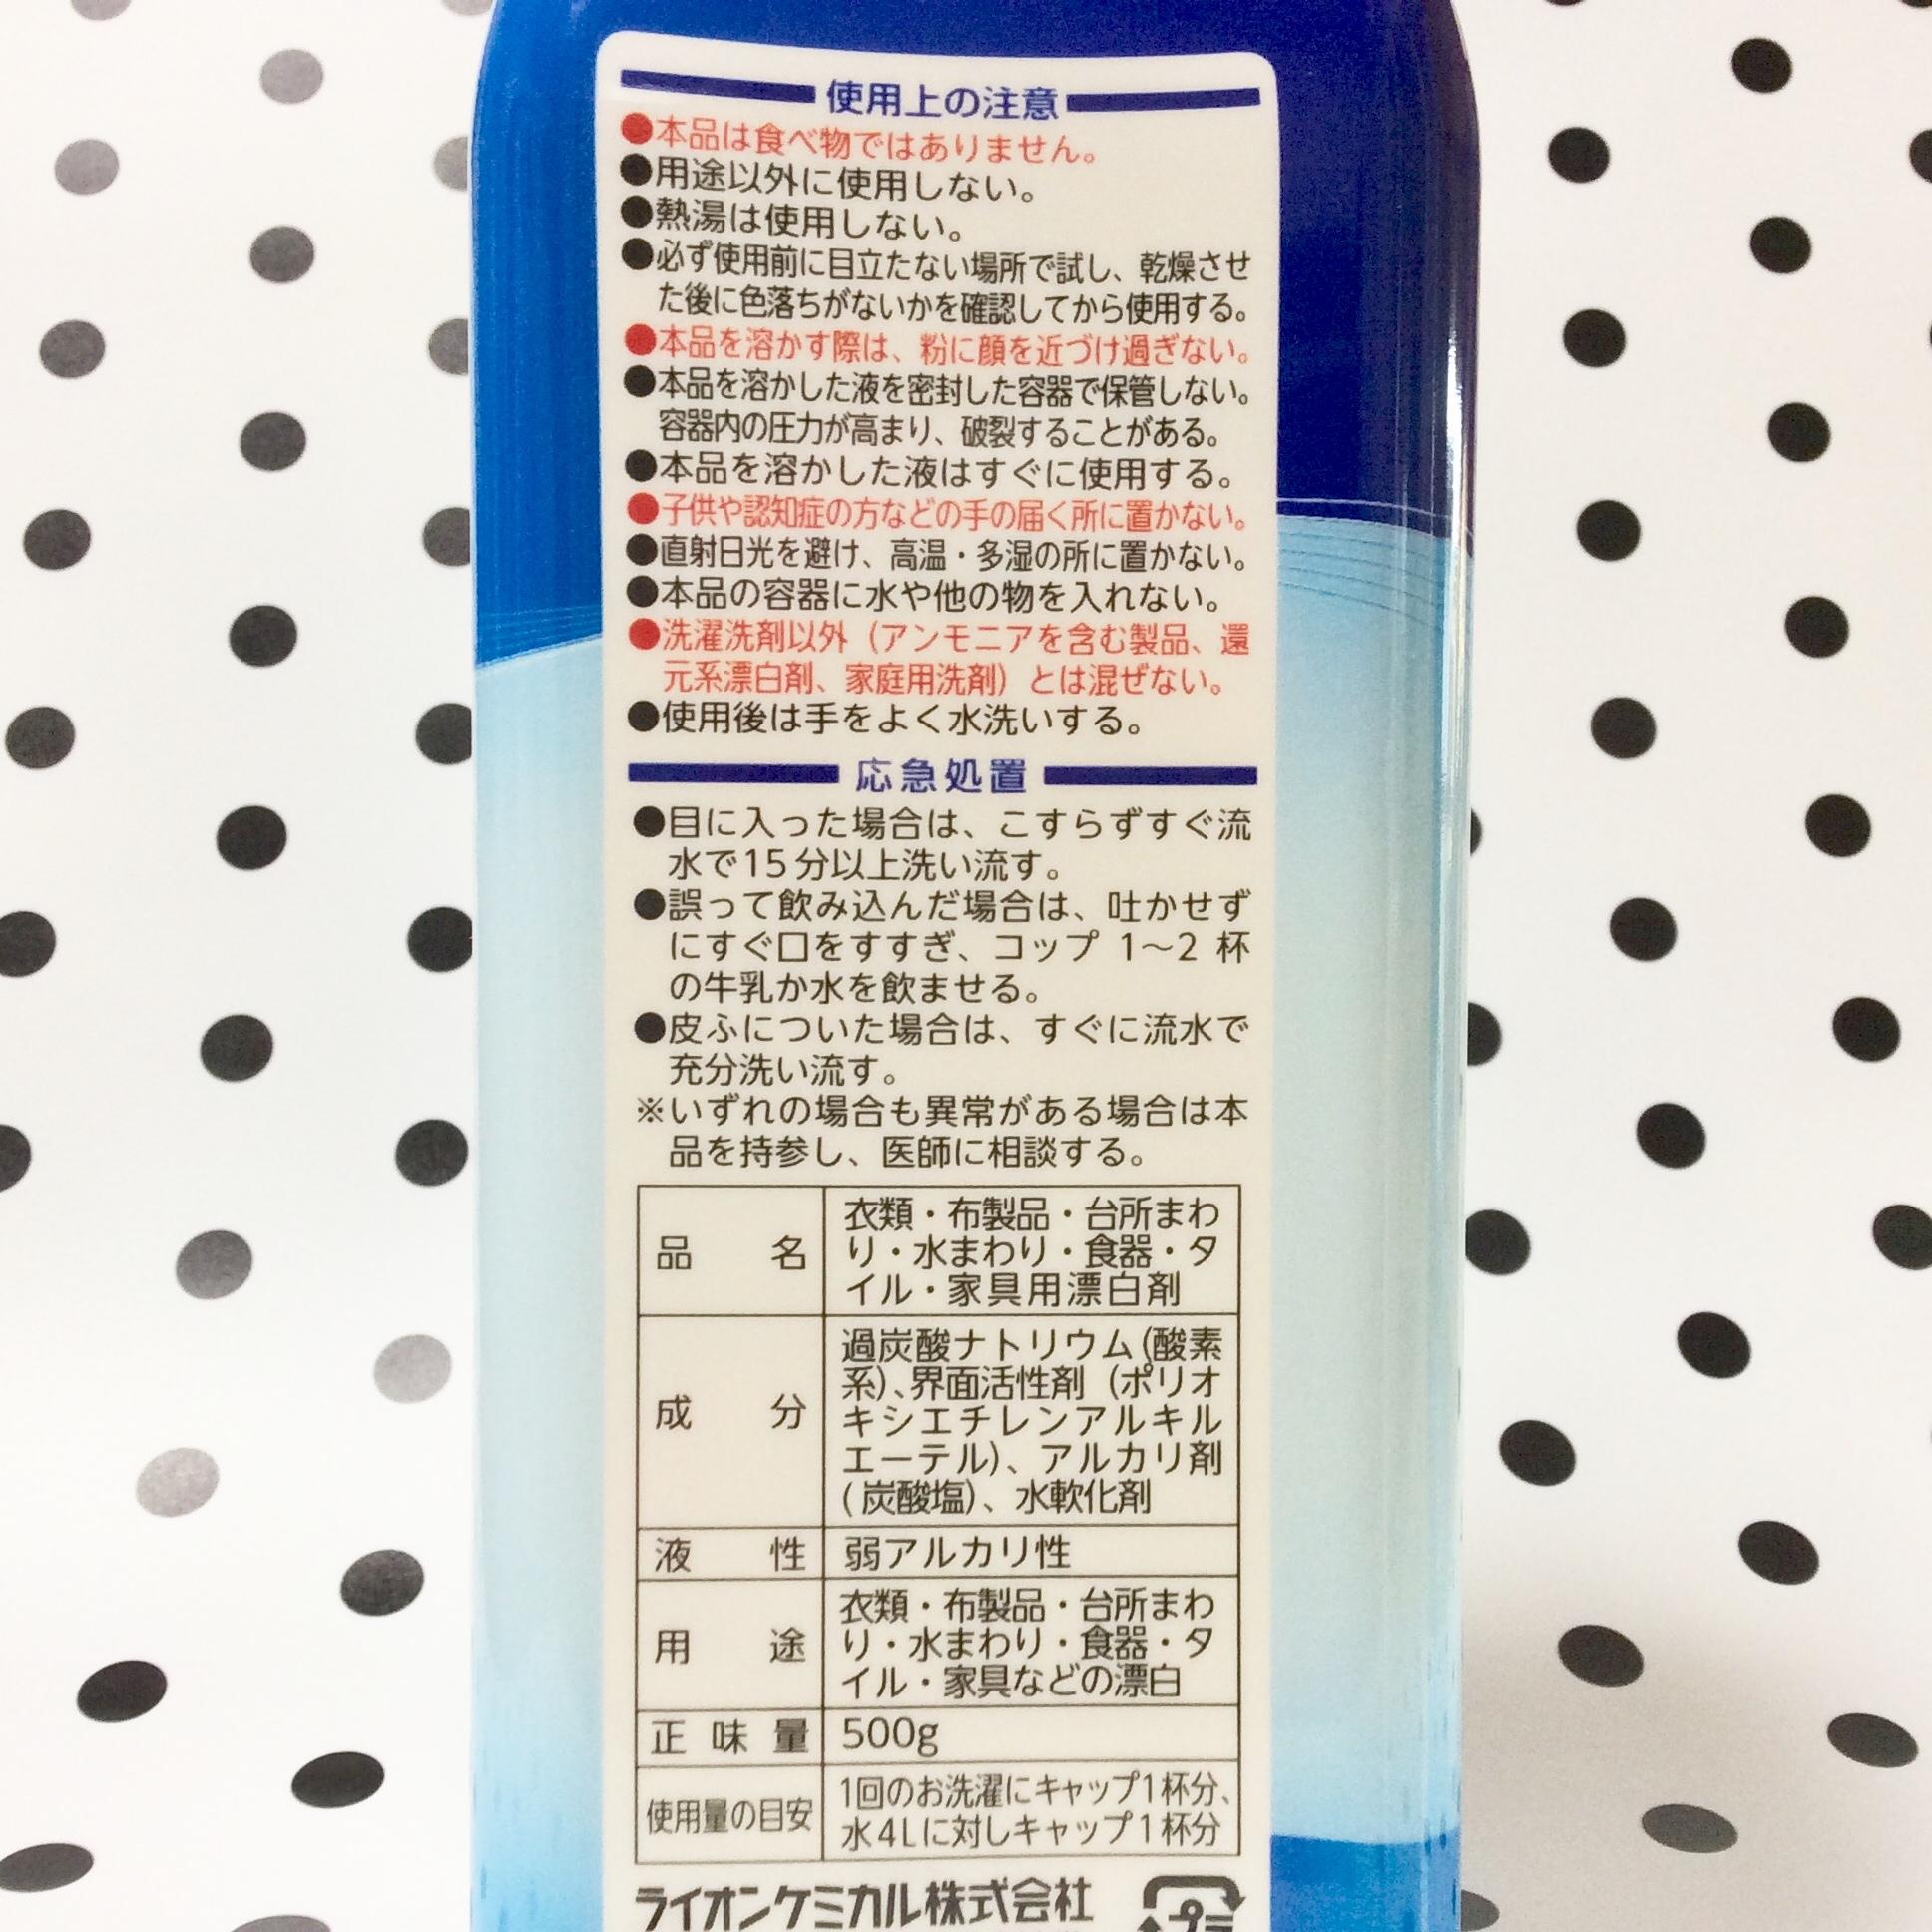 E89550E8-33CD-4AAA-80C9-7A577BD17F6D.jpeg